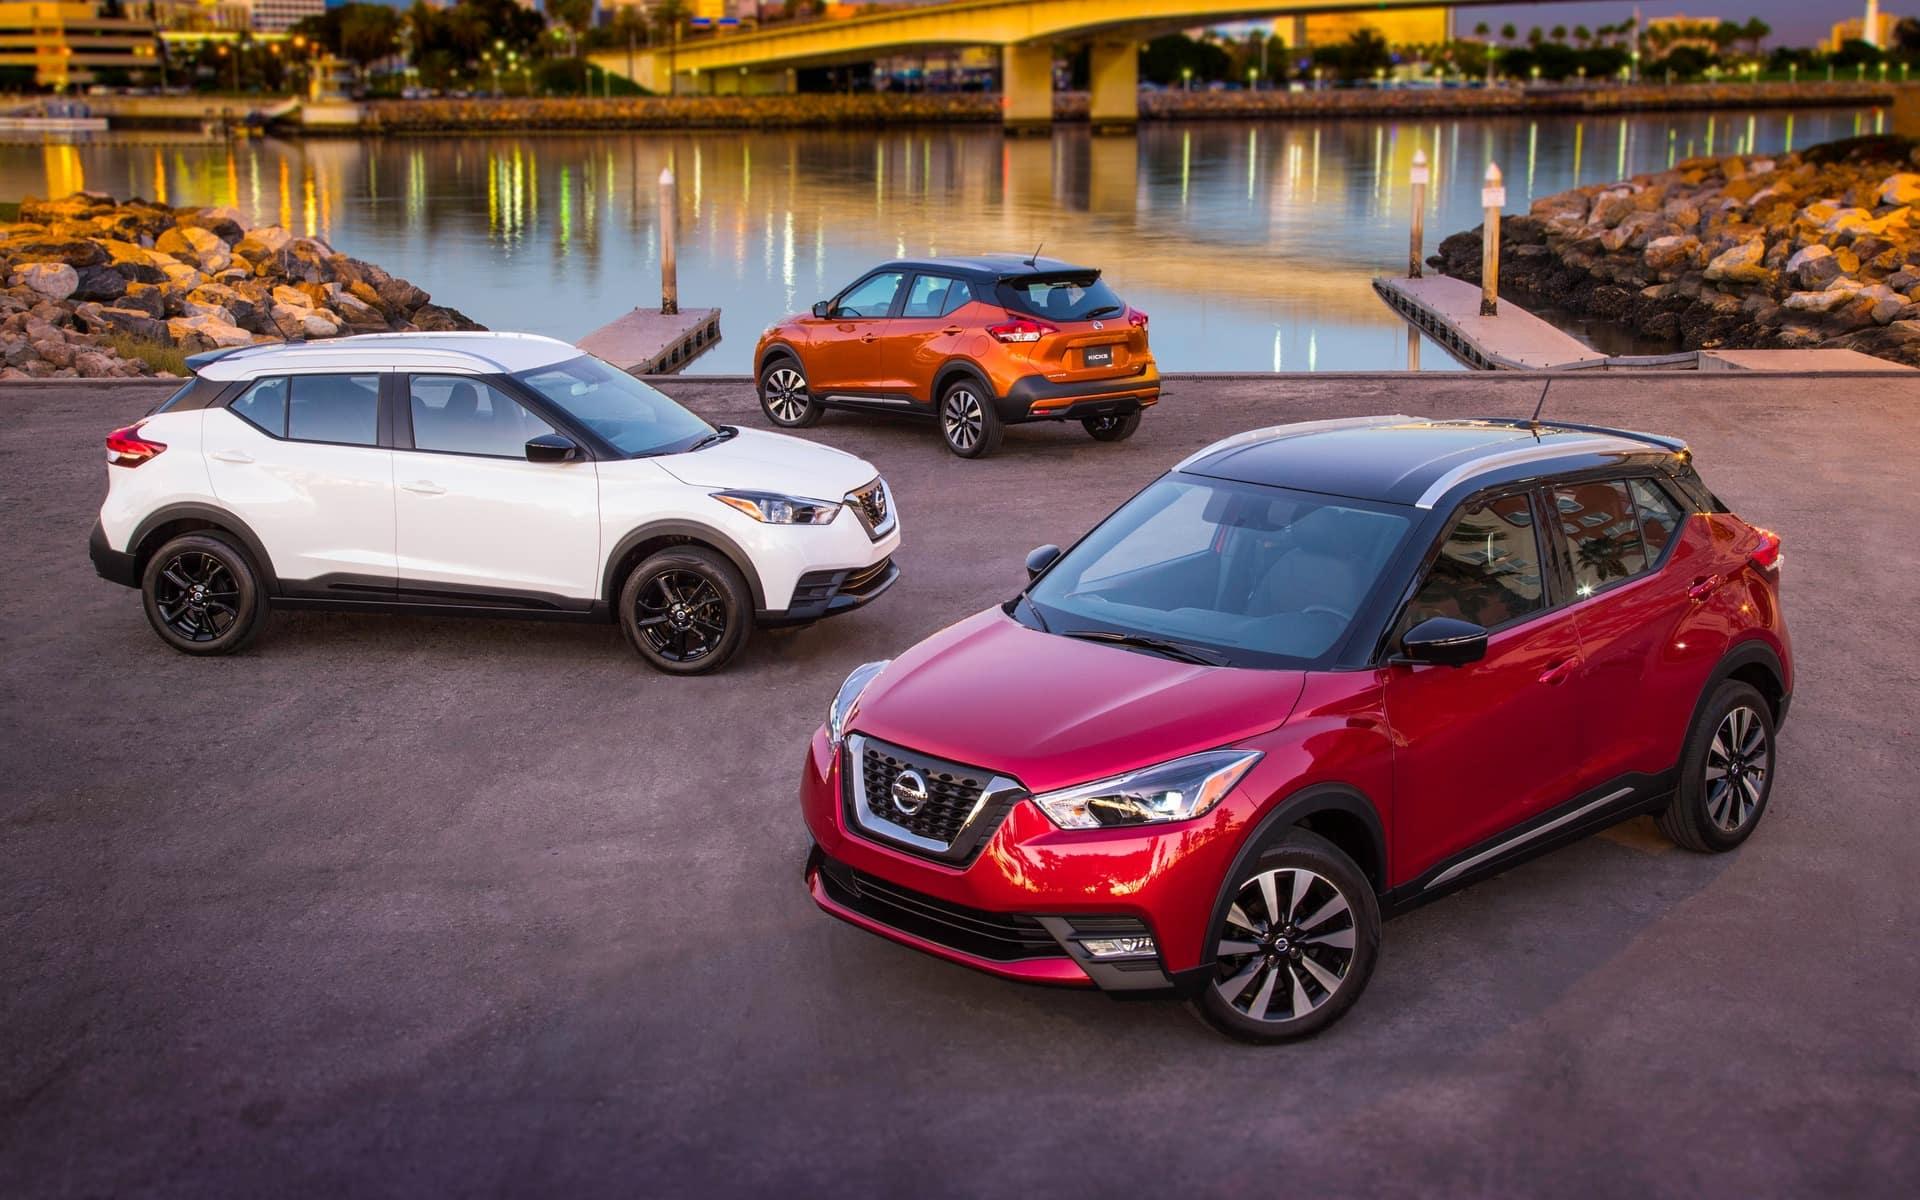 2018 Nissan Kicks Crossover SUV at Bill Kay Nissan